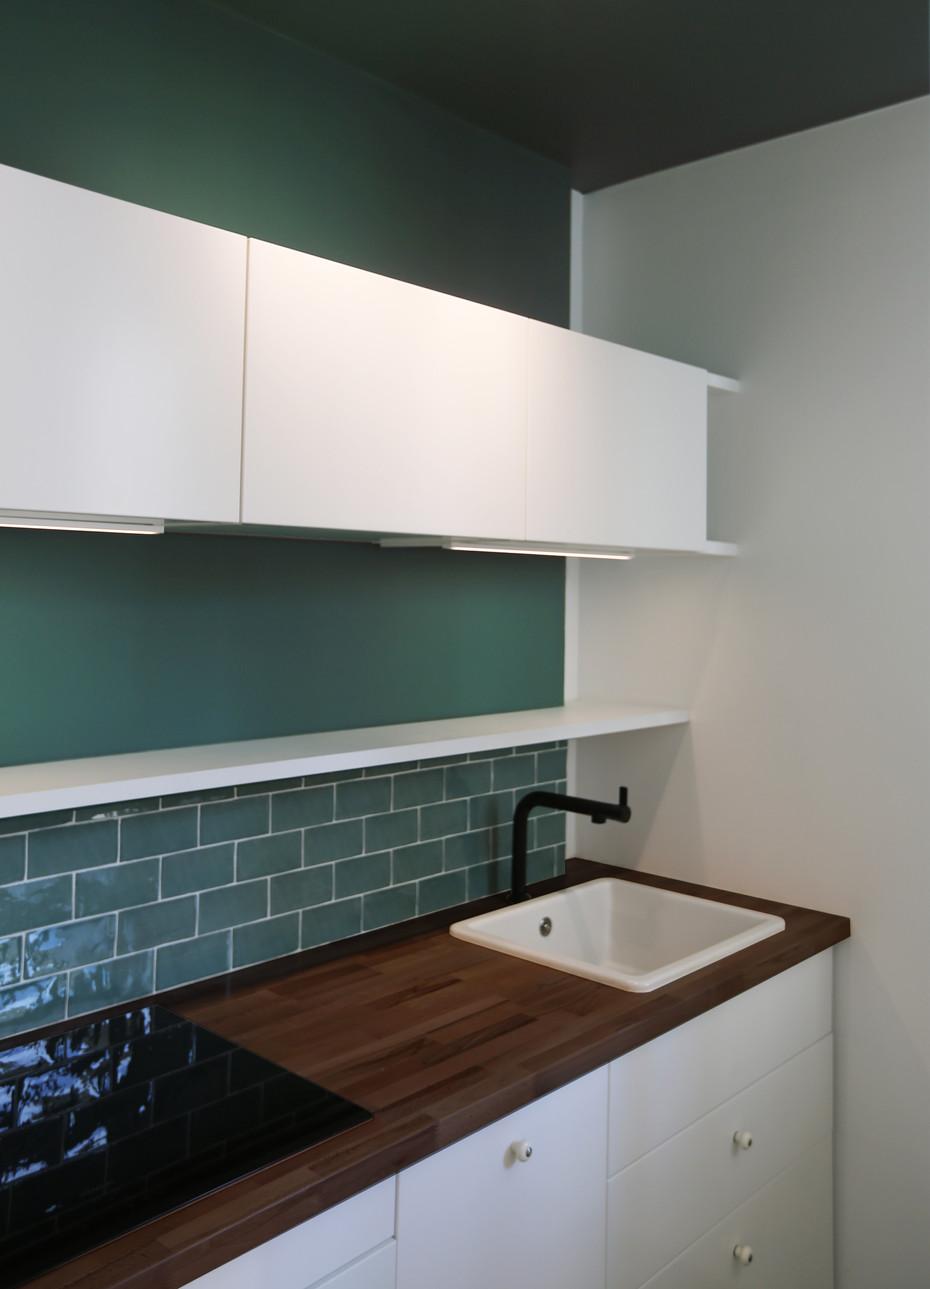 Réhabilitation totale de cet appartement. L'ensemble des espaces et de la circulation ont été repensées afin que toutes les pièces communiquent, comme si l'appartement n'était qu'une seule grand pièce. L'apport de la couleur permet cette unité tout en séparant visuellement les espaces.